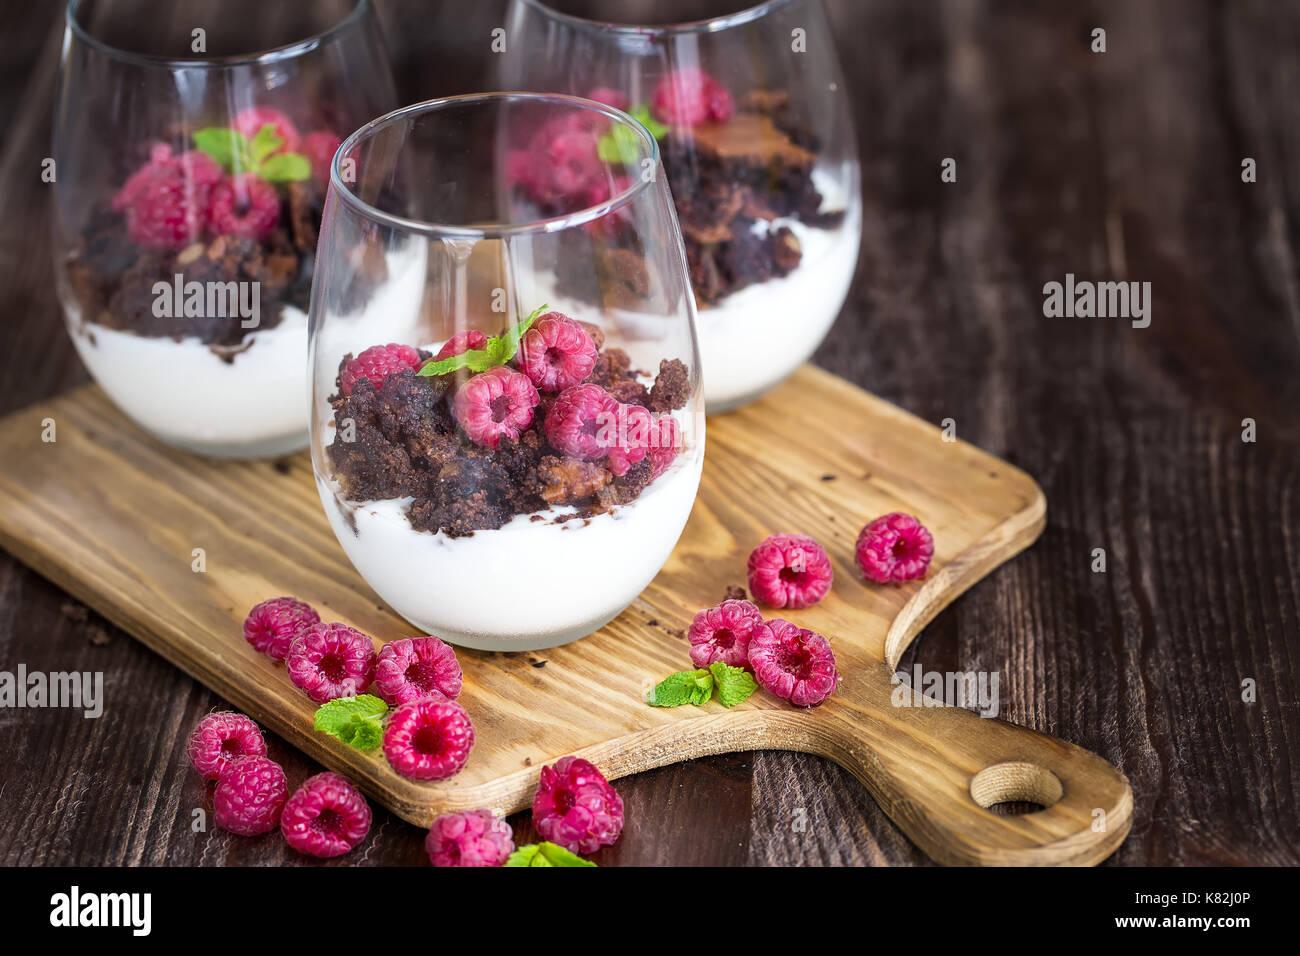 Himbeere und Schokolade kleinigkeit Wüste auf Holz- Hintergrund Stockfoto